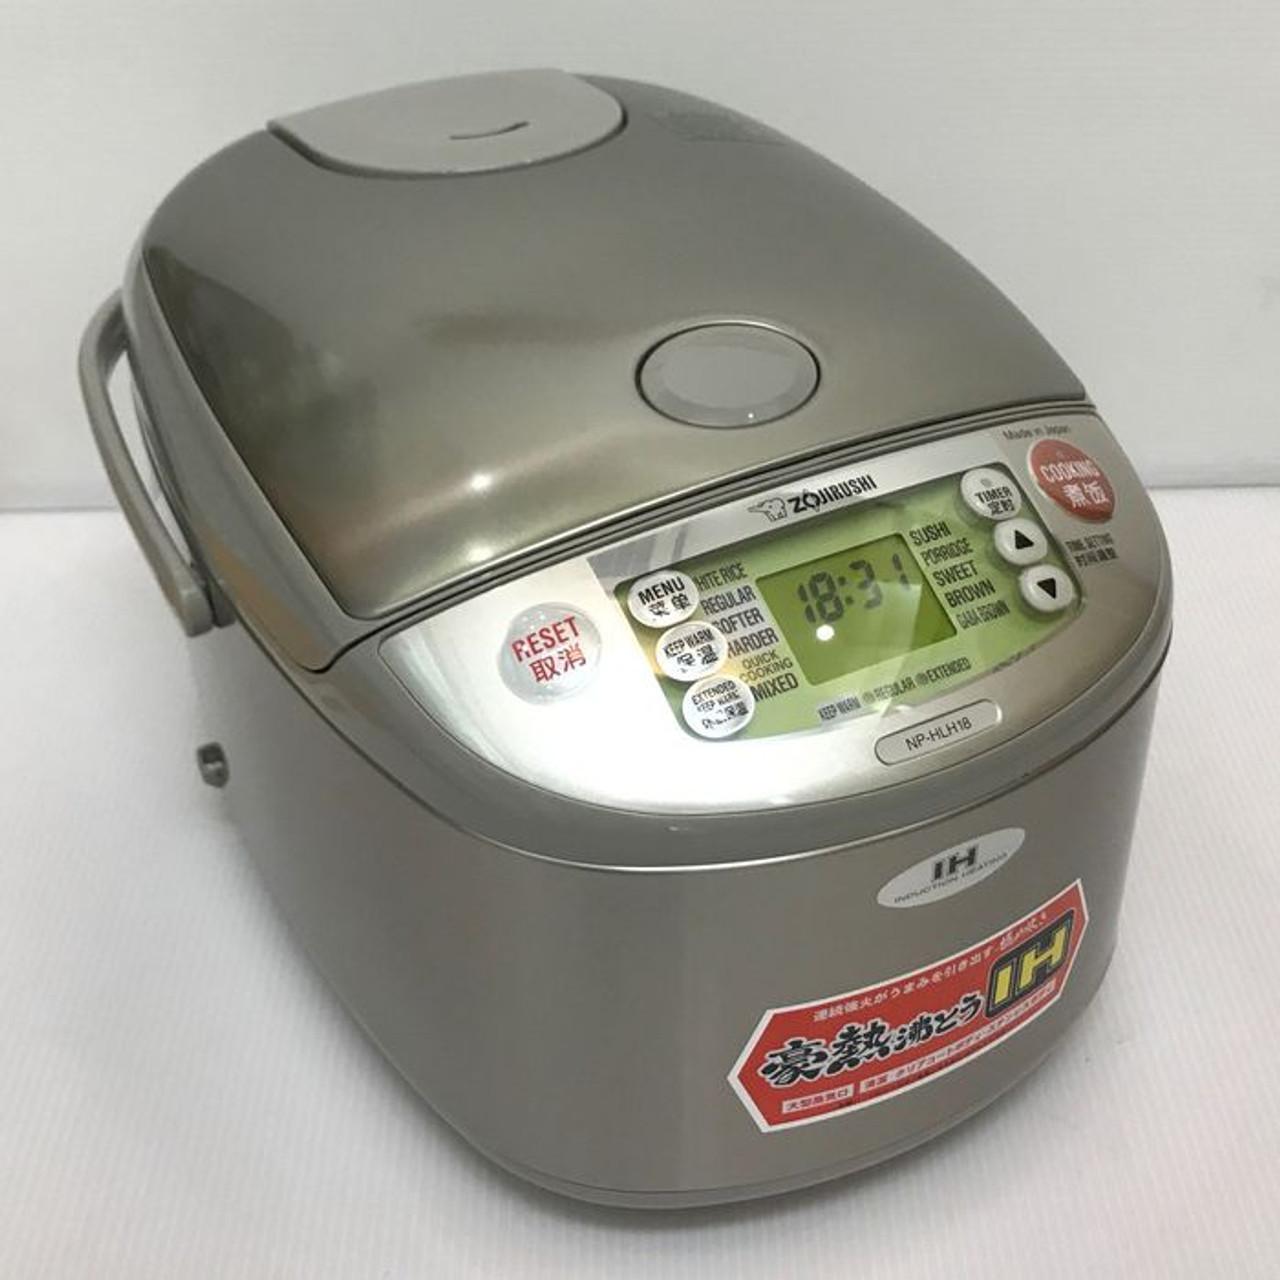 Zojirushi Rice Cooker NP-HLH18 XA 220-230V